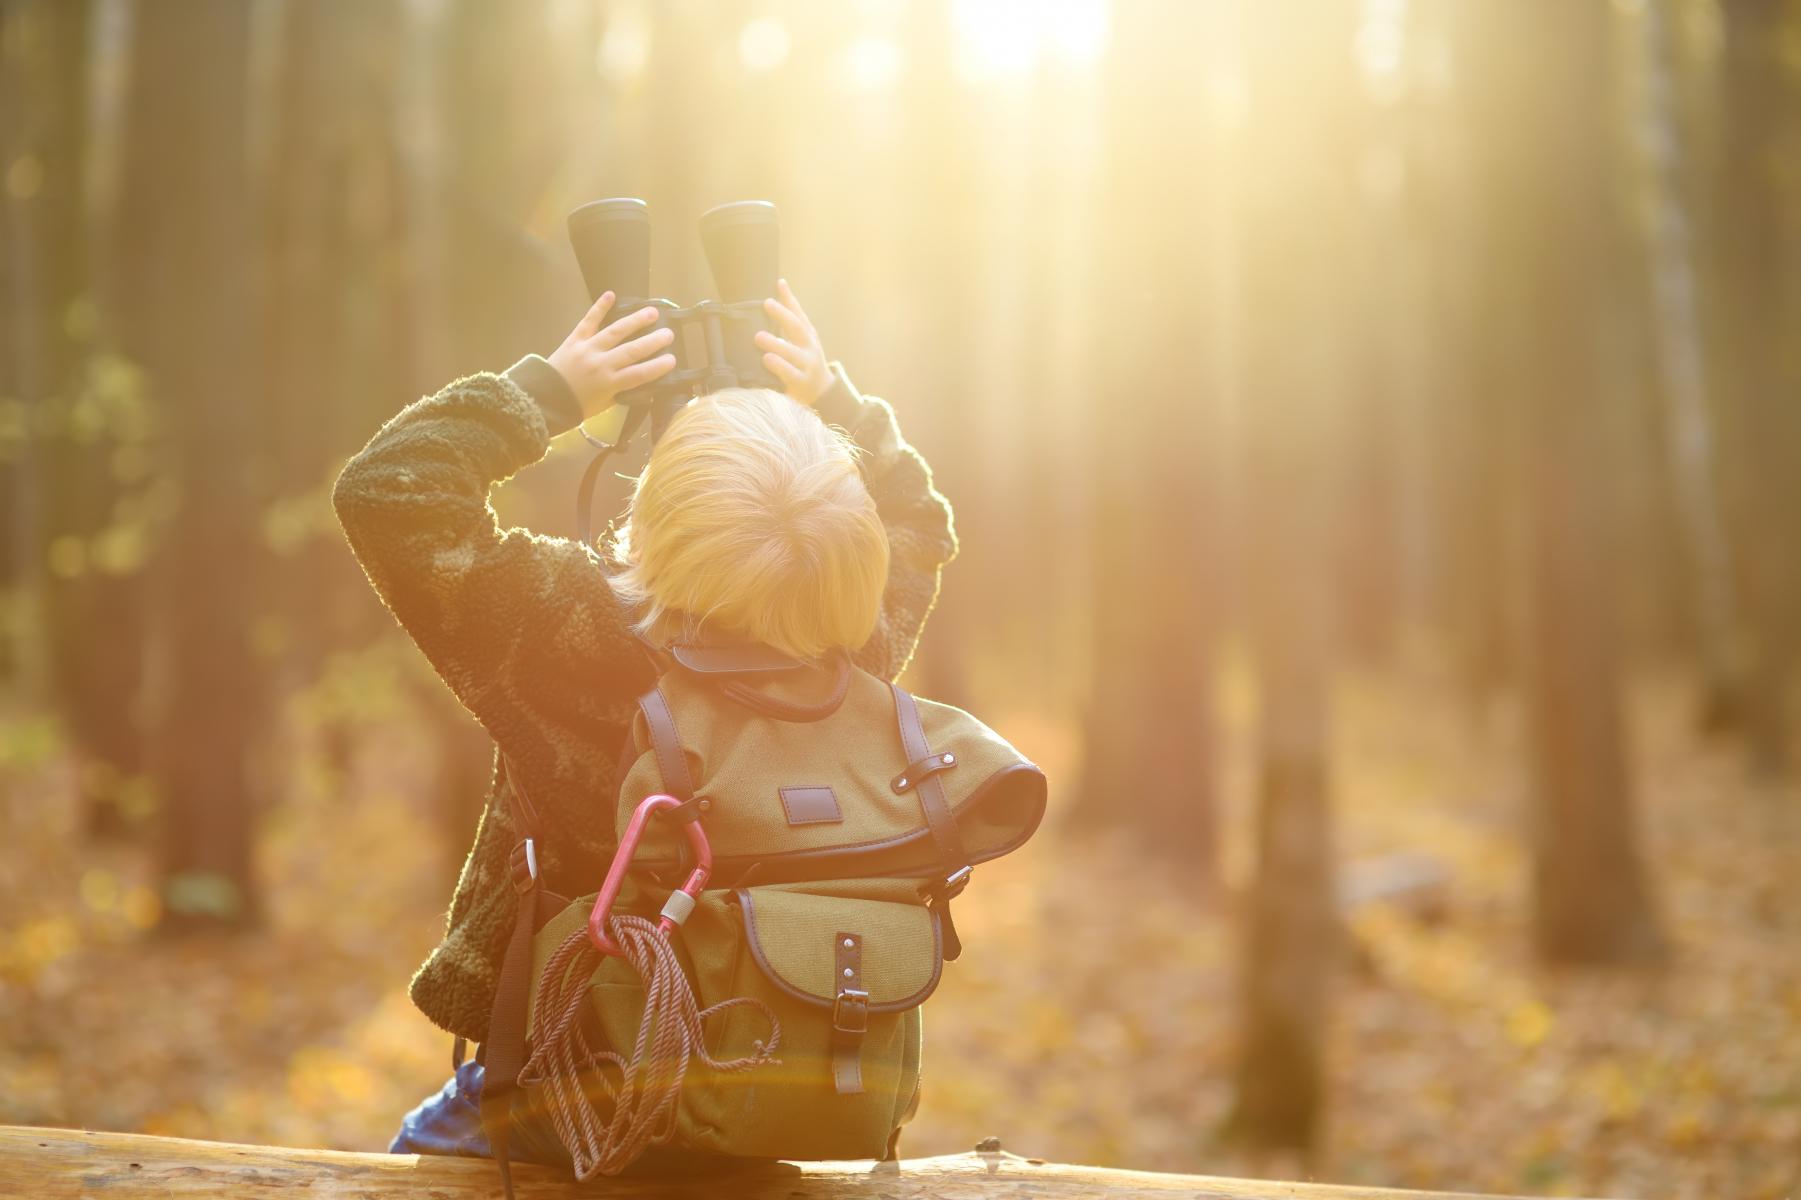 Liten gut som er på tur i skogen og kikke på omgivnadane med kikkert. Foto.